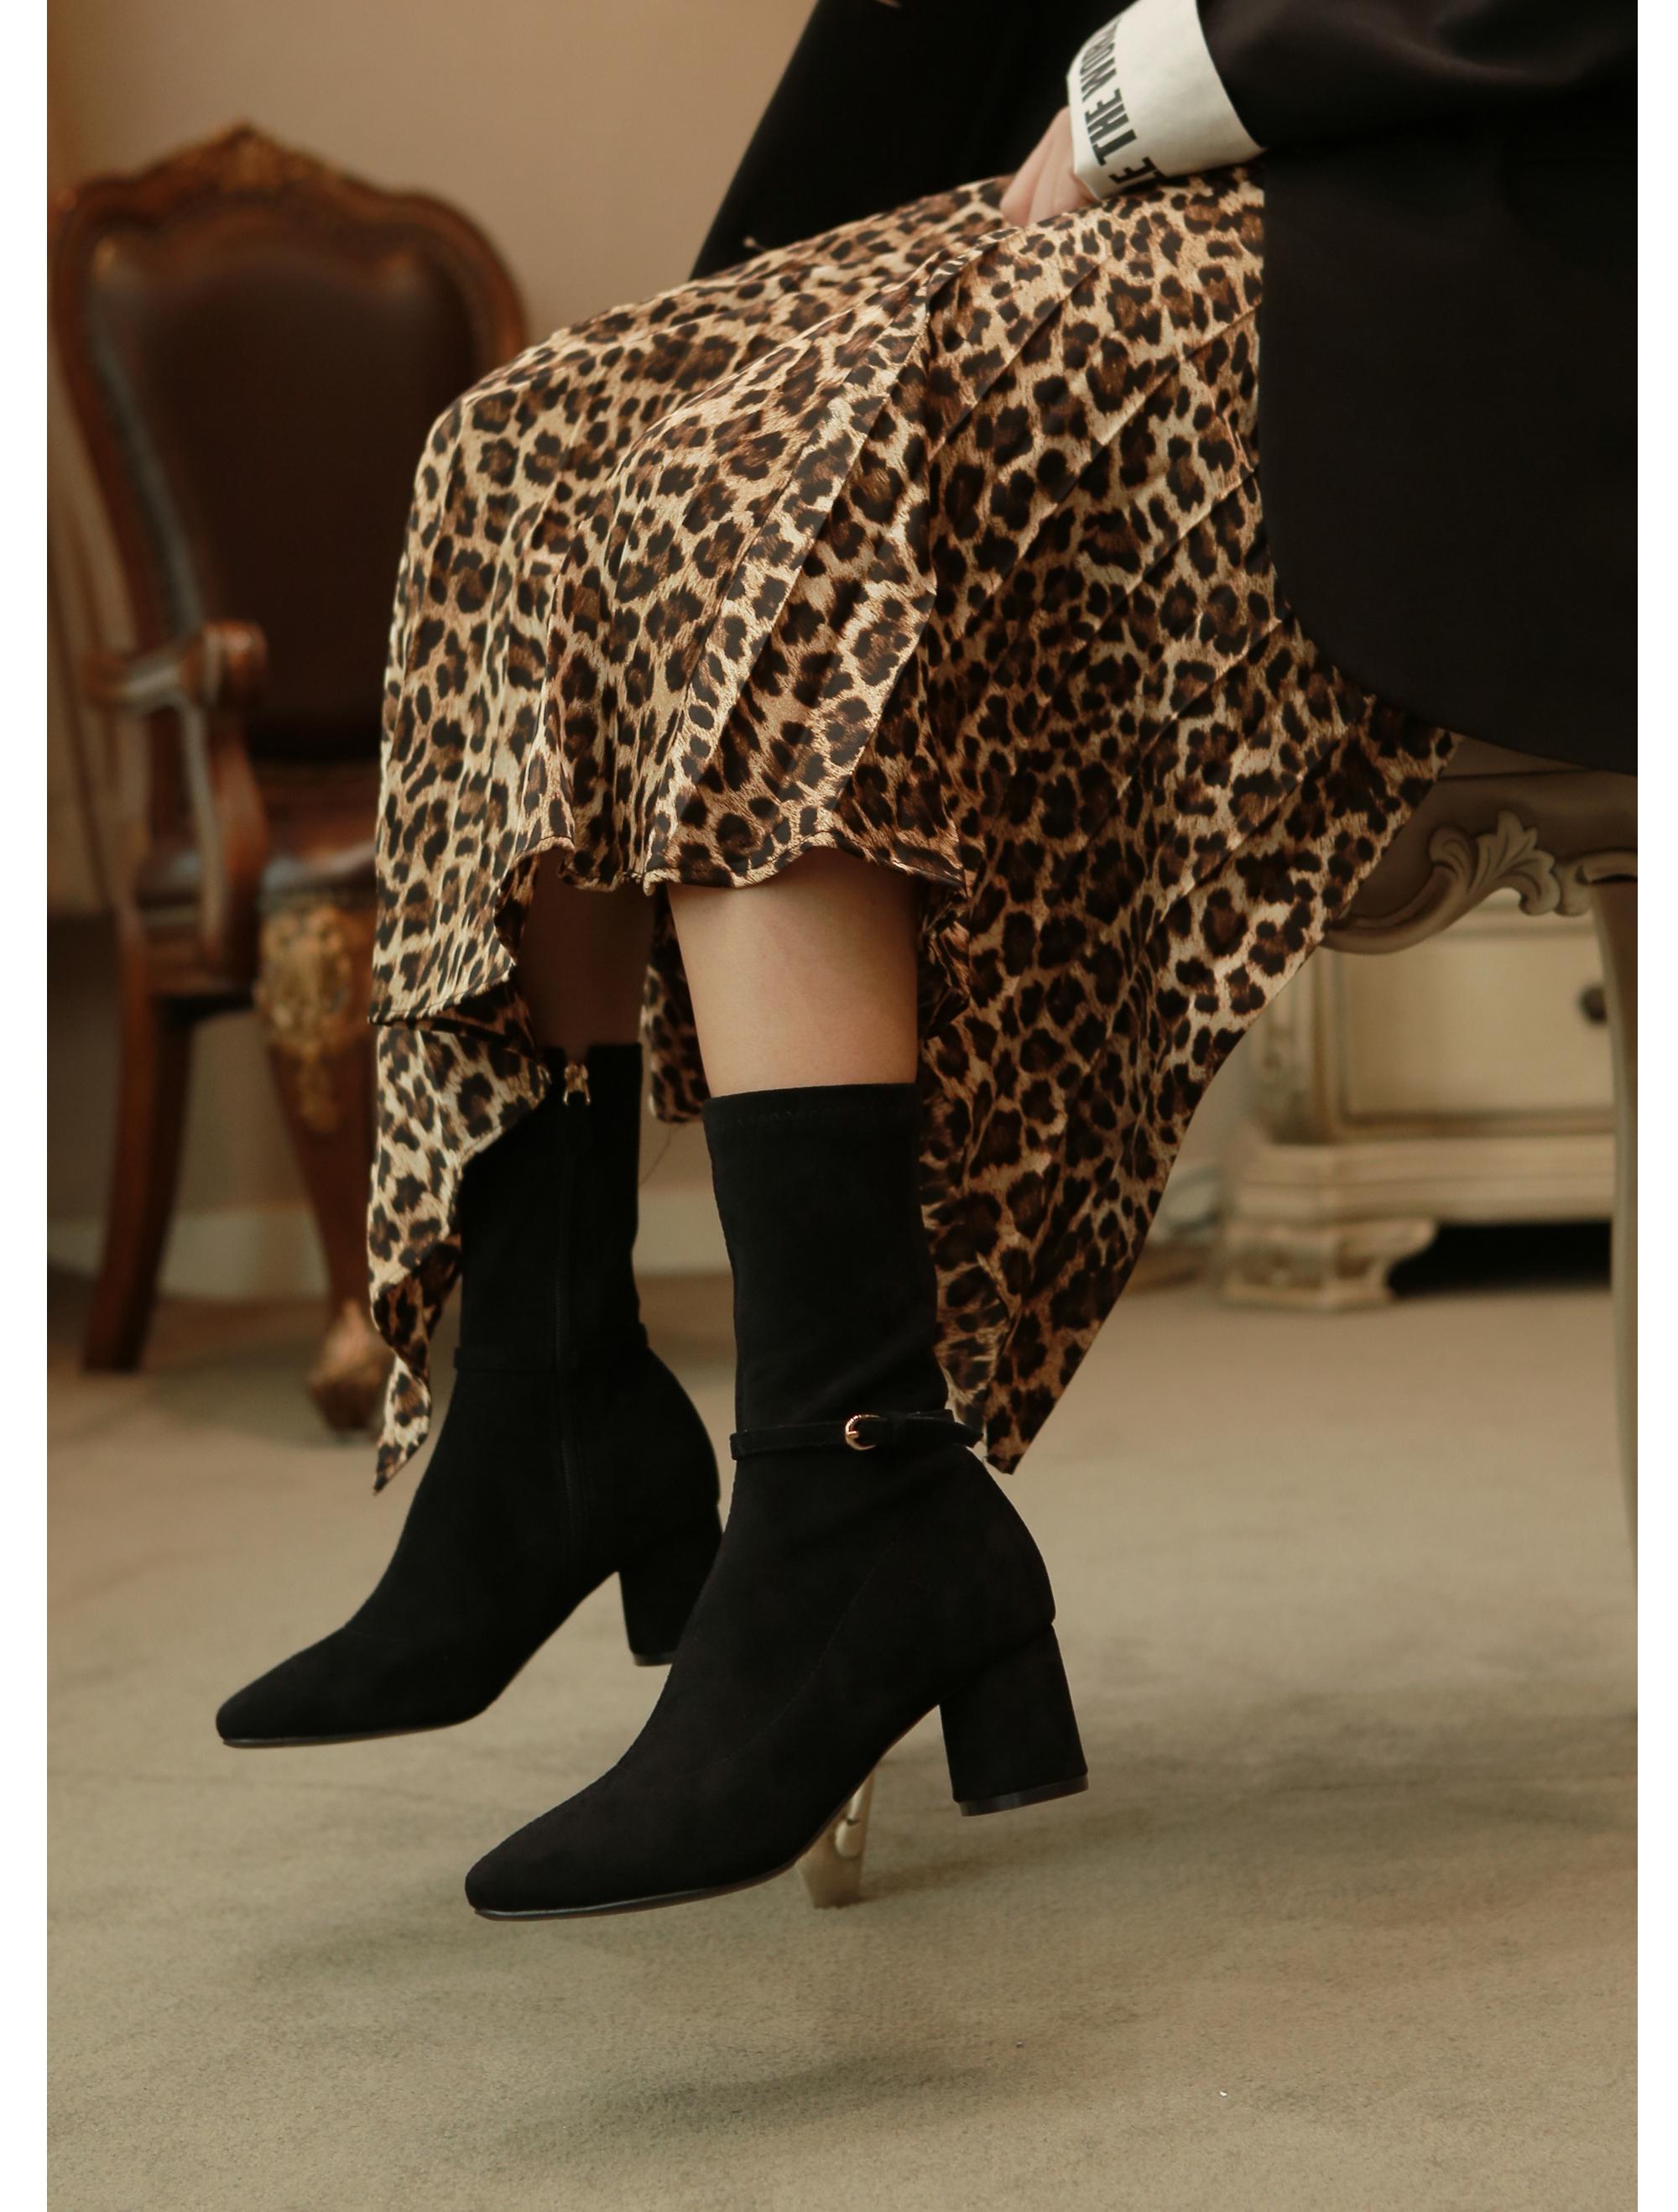 리플라(LI FLA) 19B517 black ankle